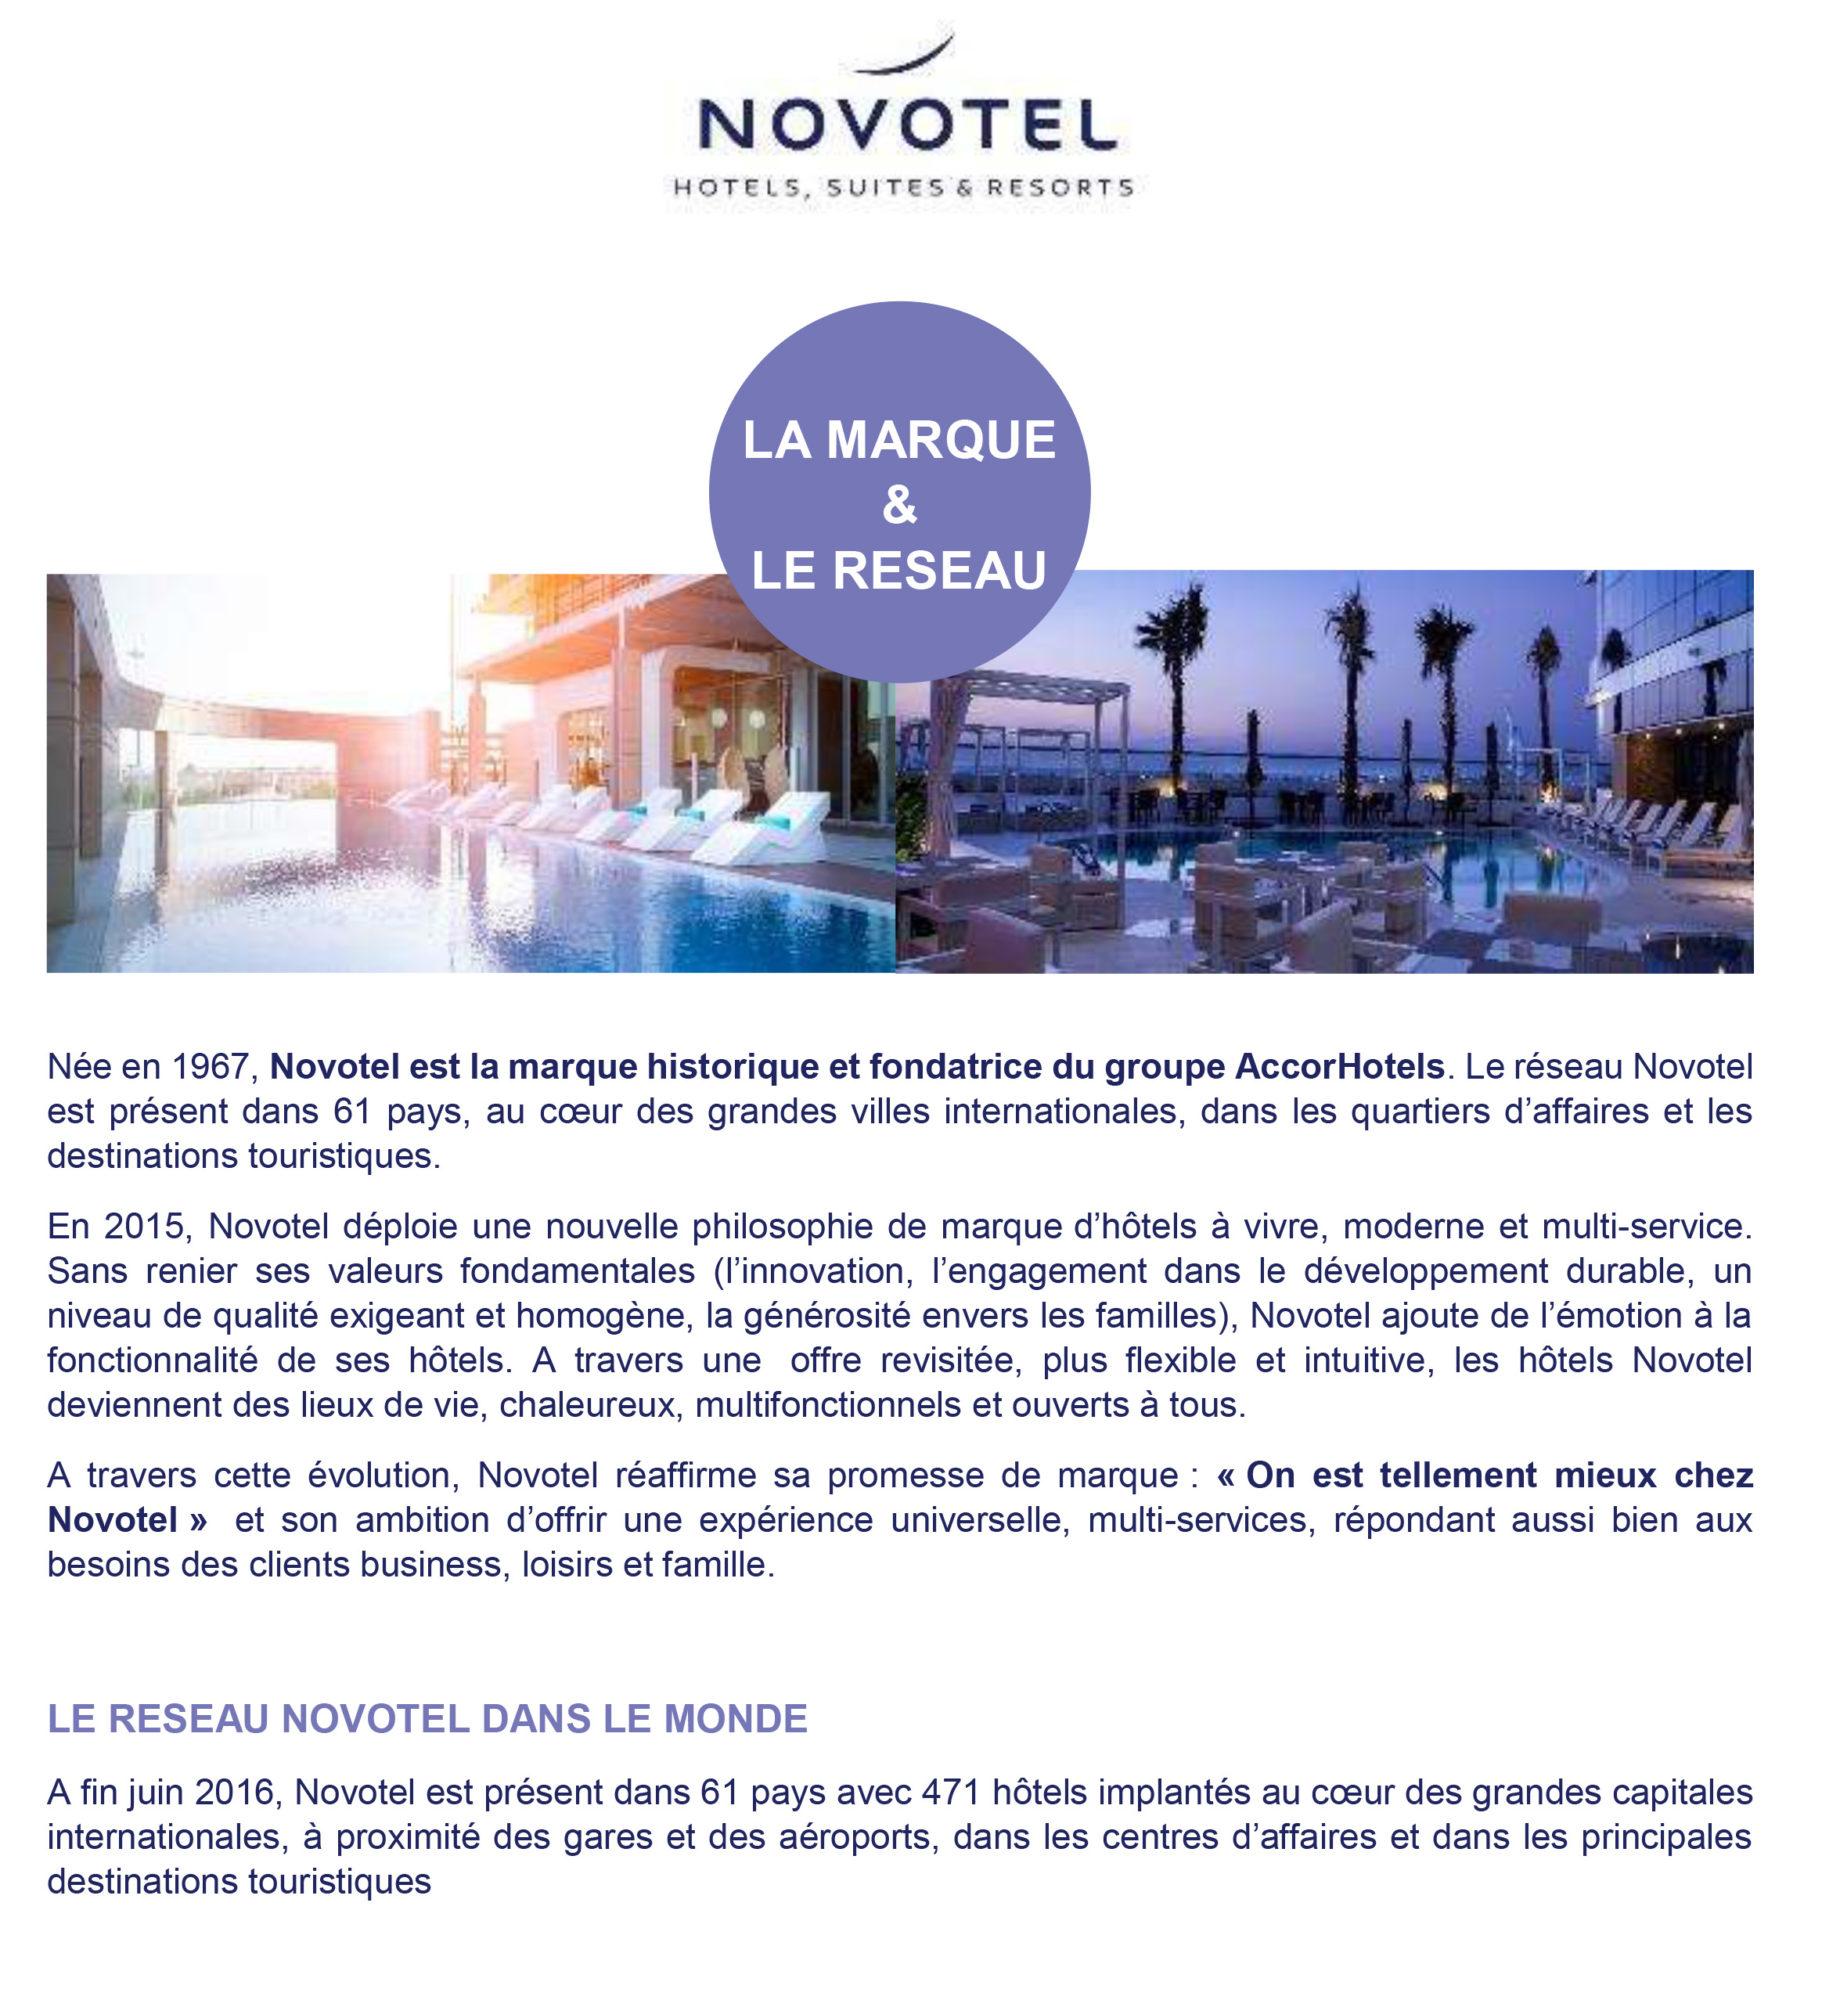 Novotel en quelques chiffres